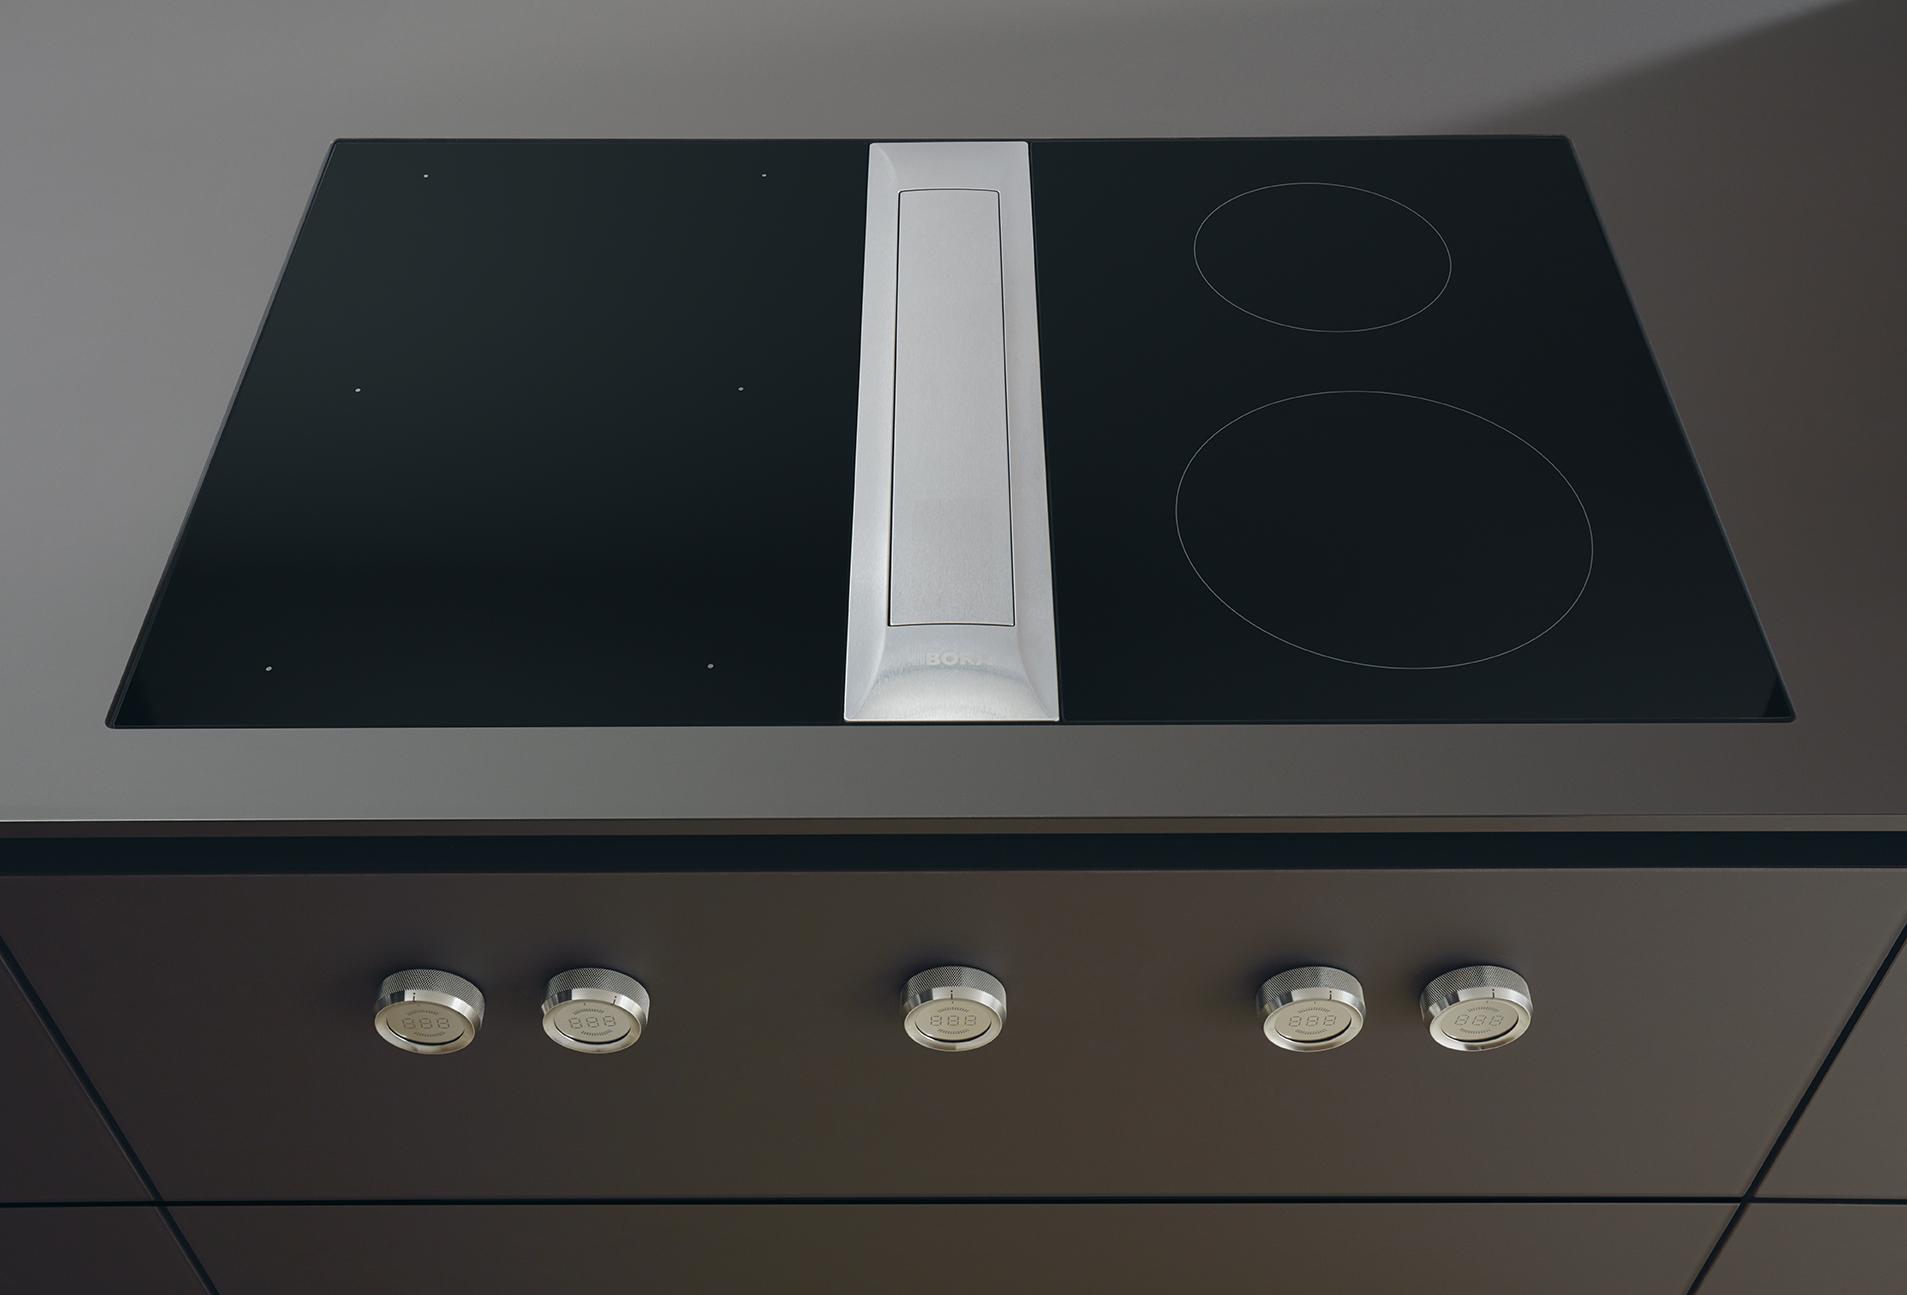 Table de cuisson vitrocéramique avec hotte aspirante intégrée design unique soigné haut de gamme